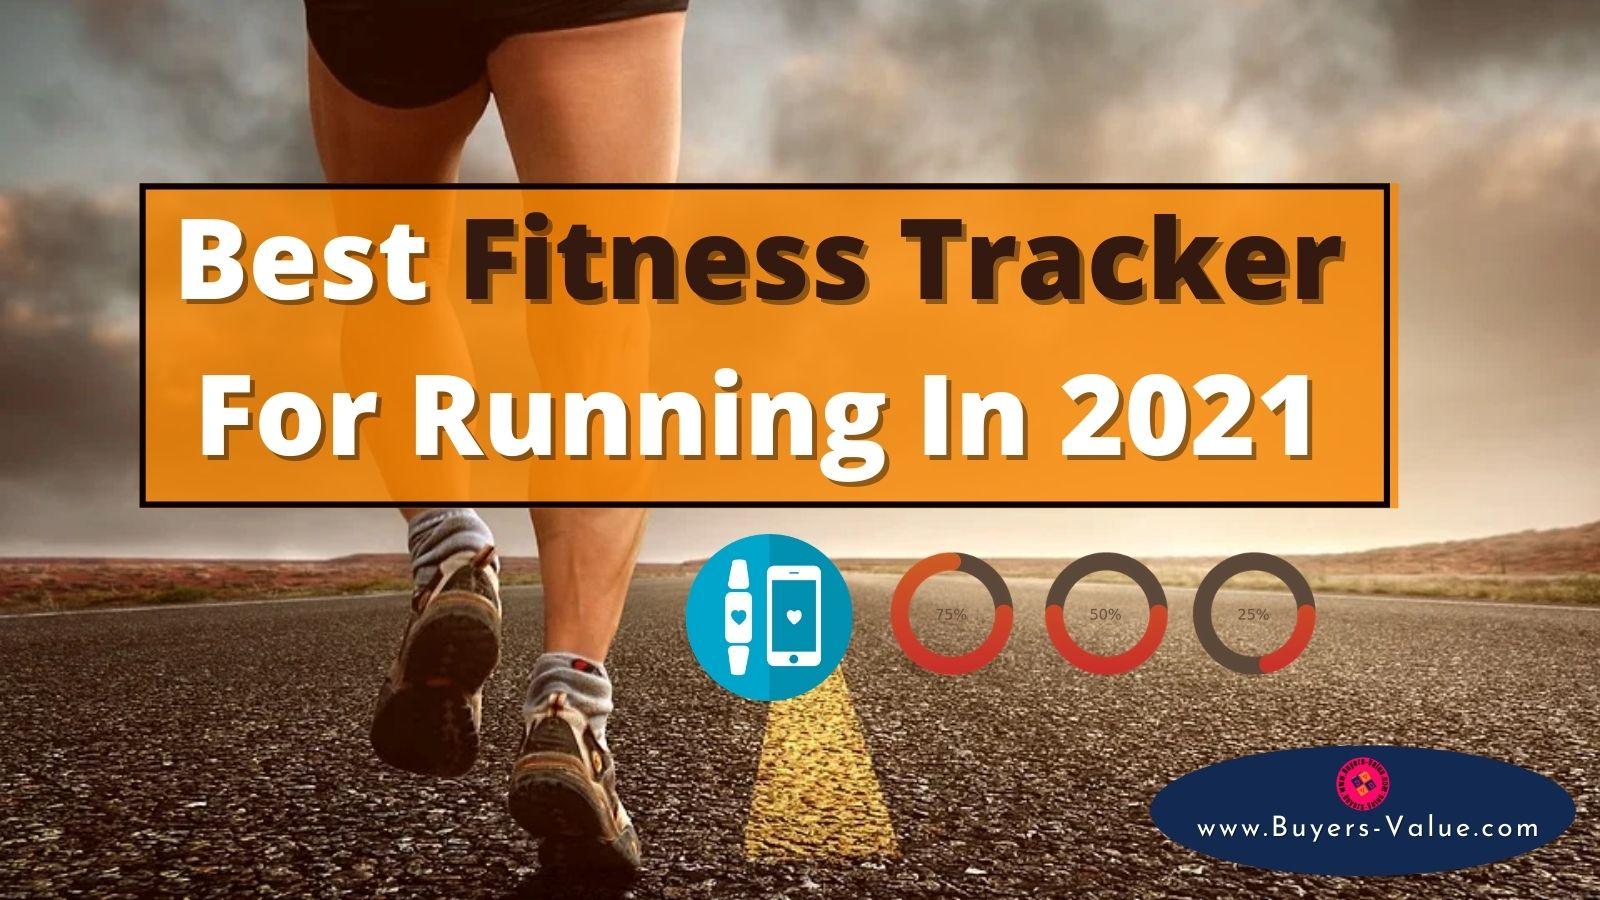 Best Fitness Tracker For Running In 2021